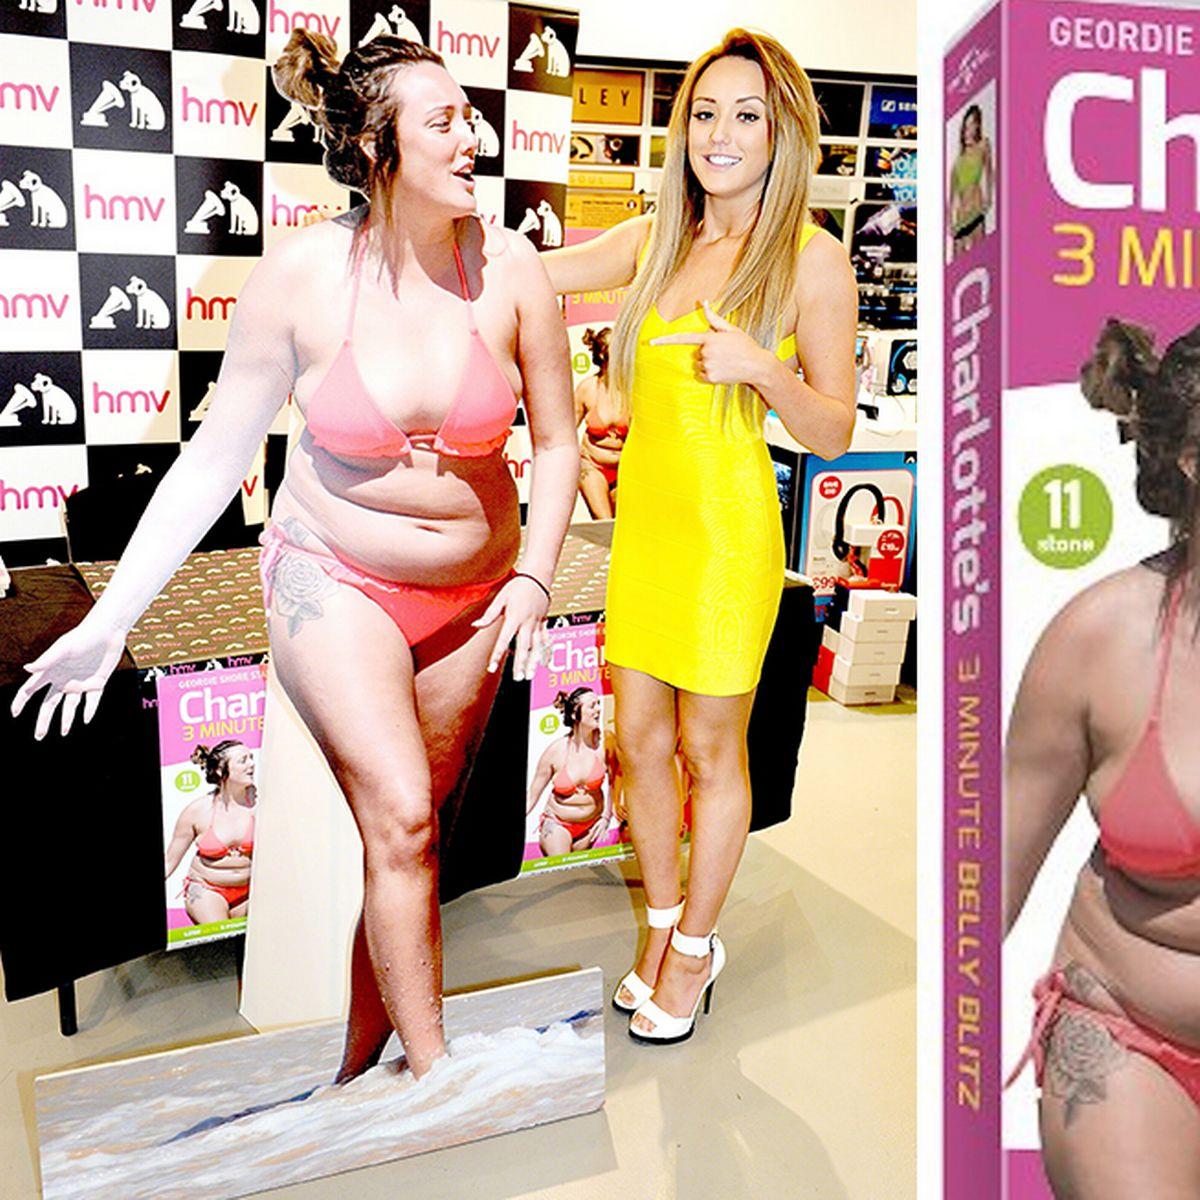 charlotte geordie shore dvd de perte de poids